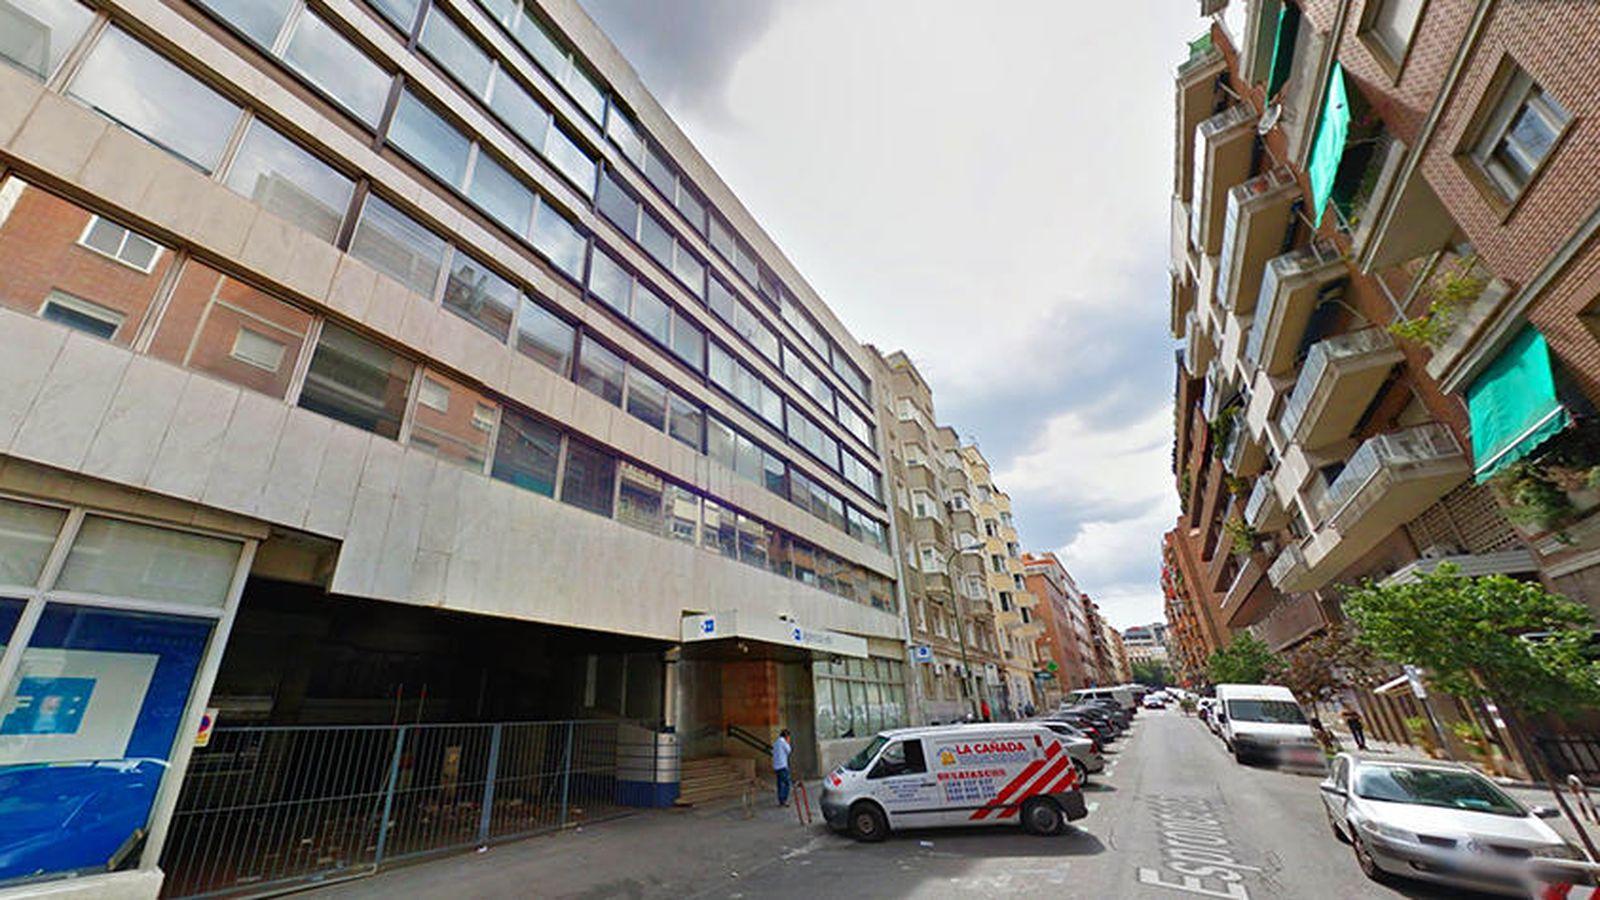 Noticias del bbva un fondo europeo compra a bbva la for Compra de pisos en madrid